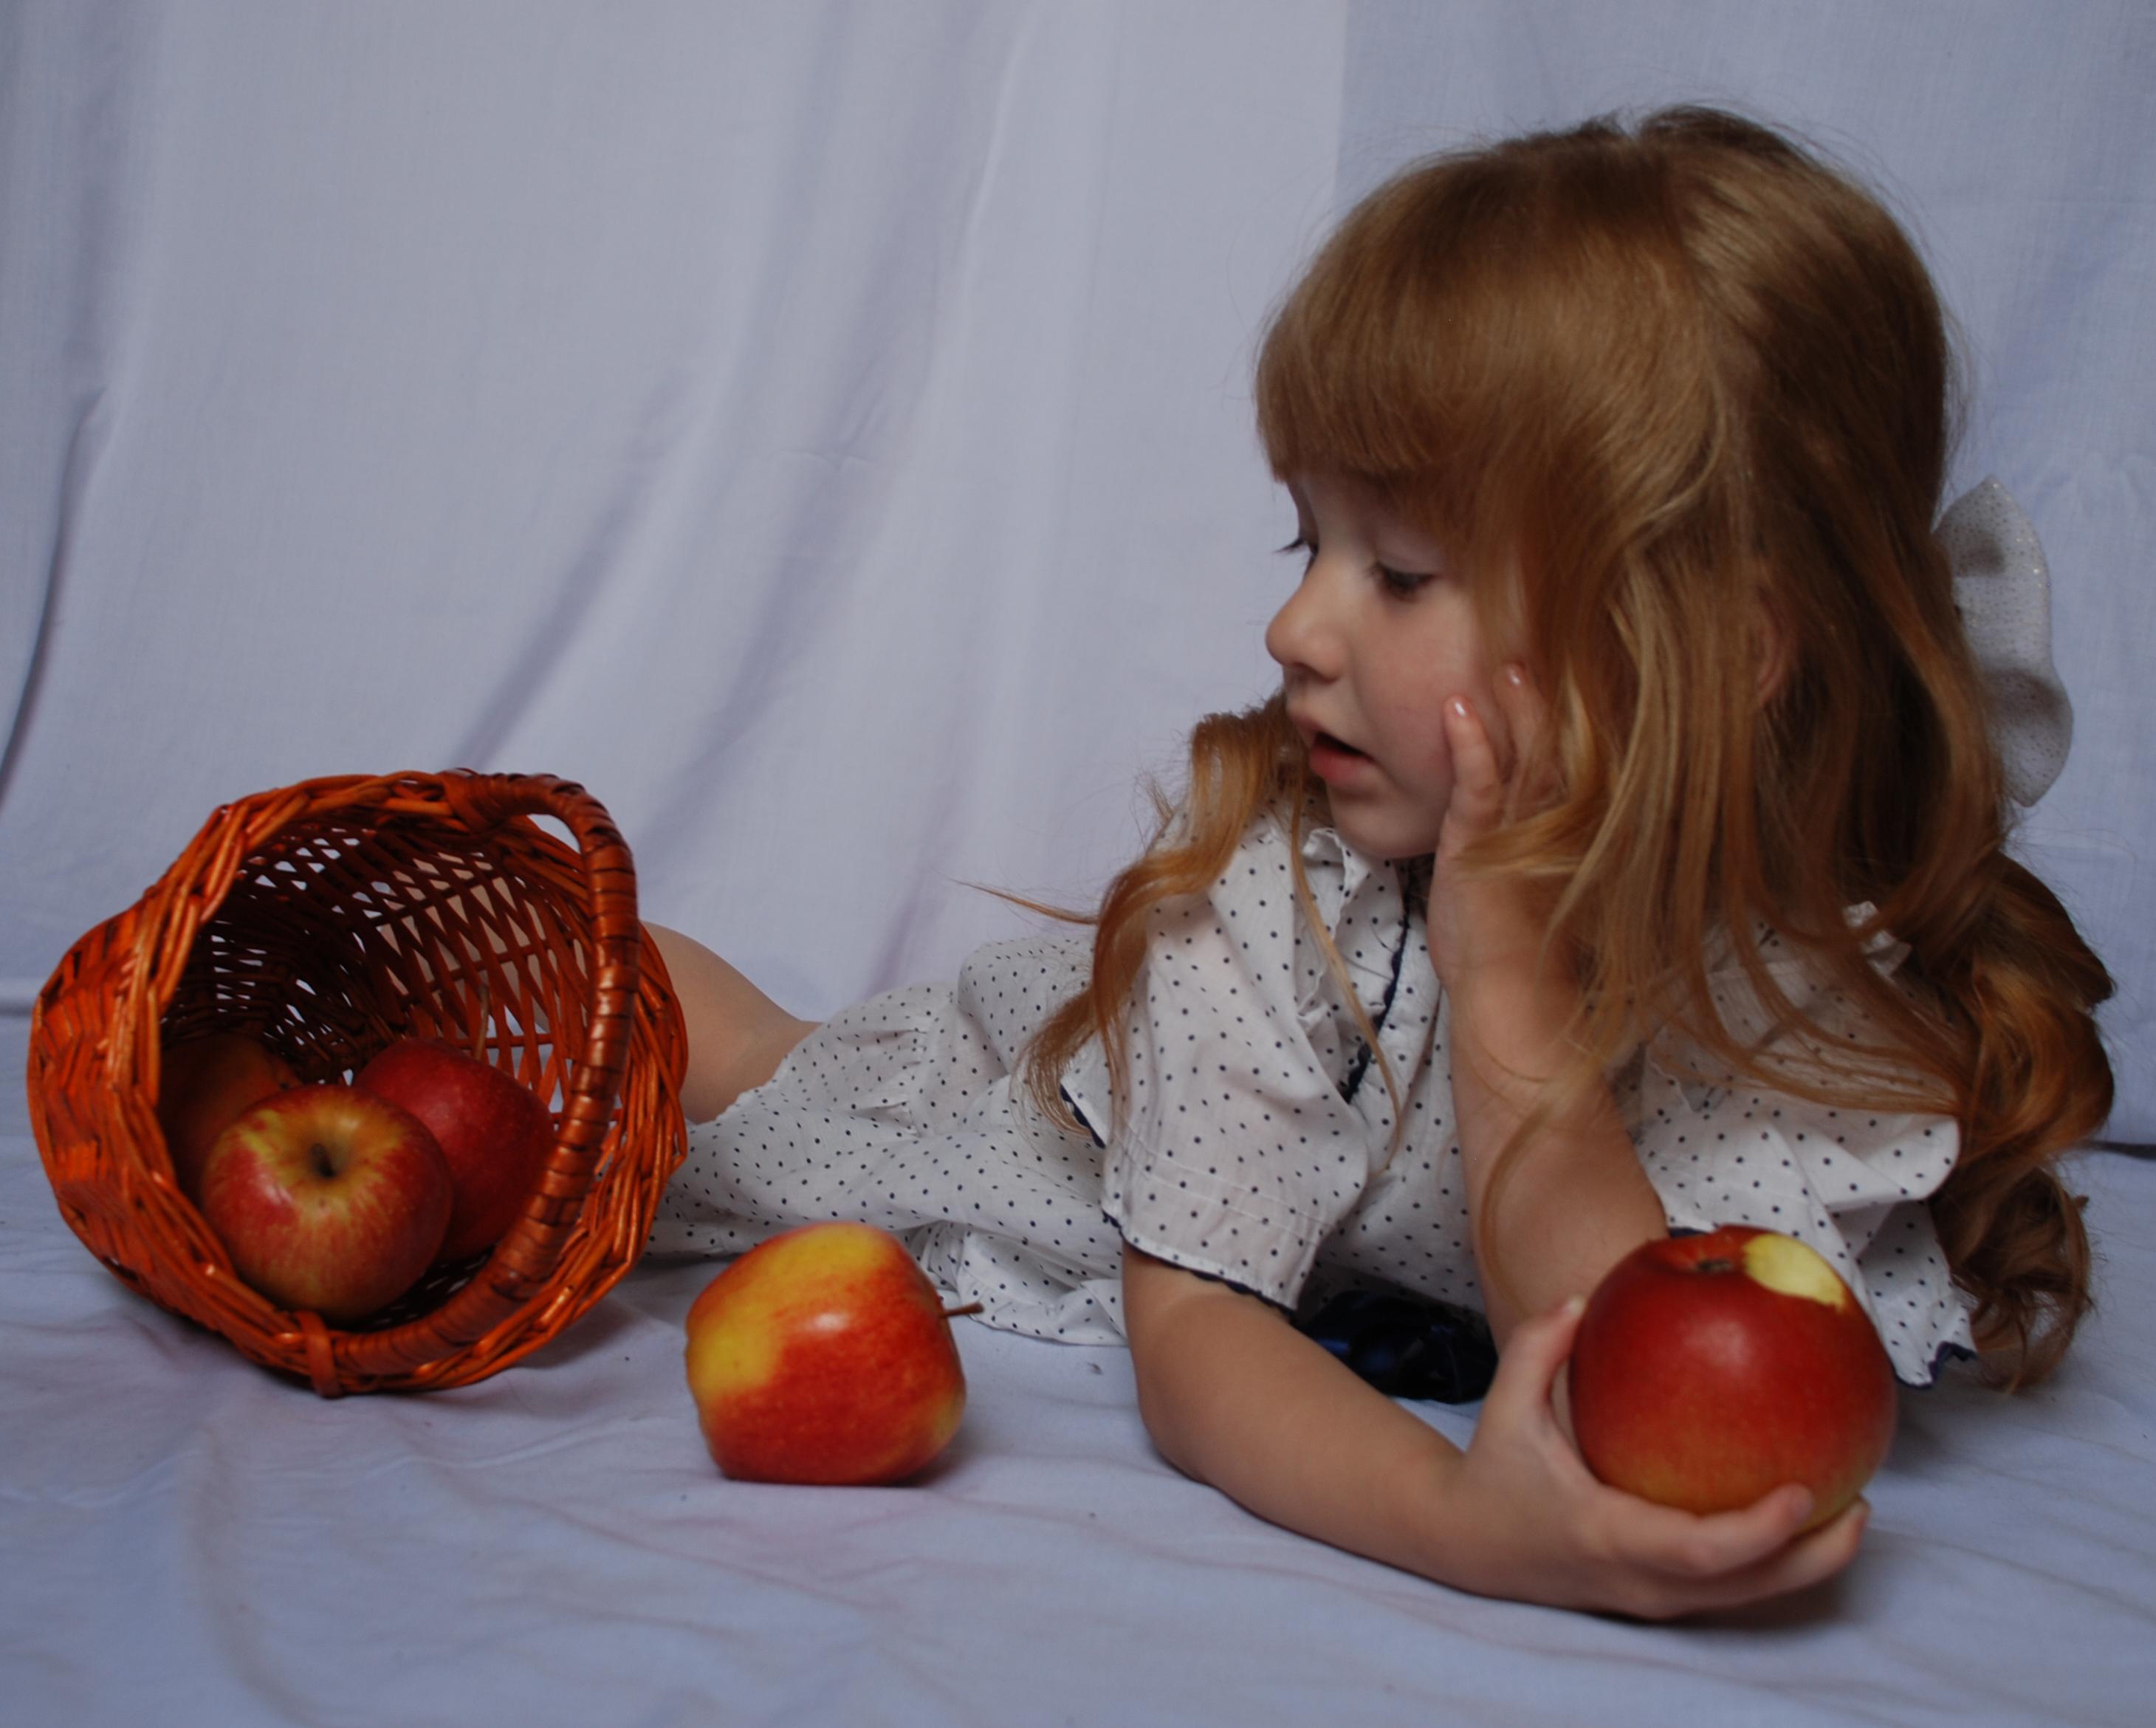 The apples_21 by anastasiya-landa